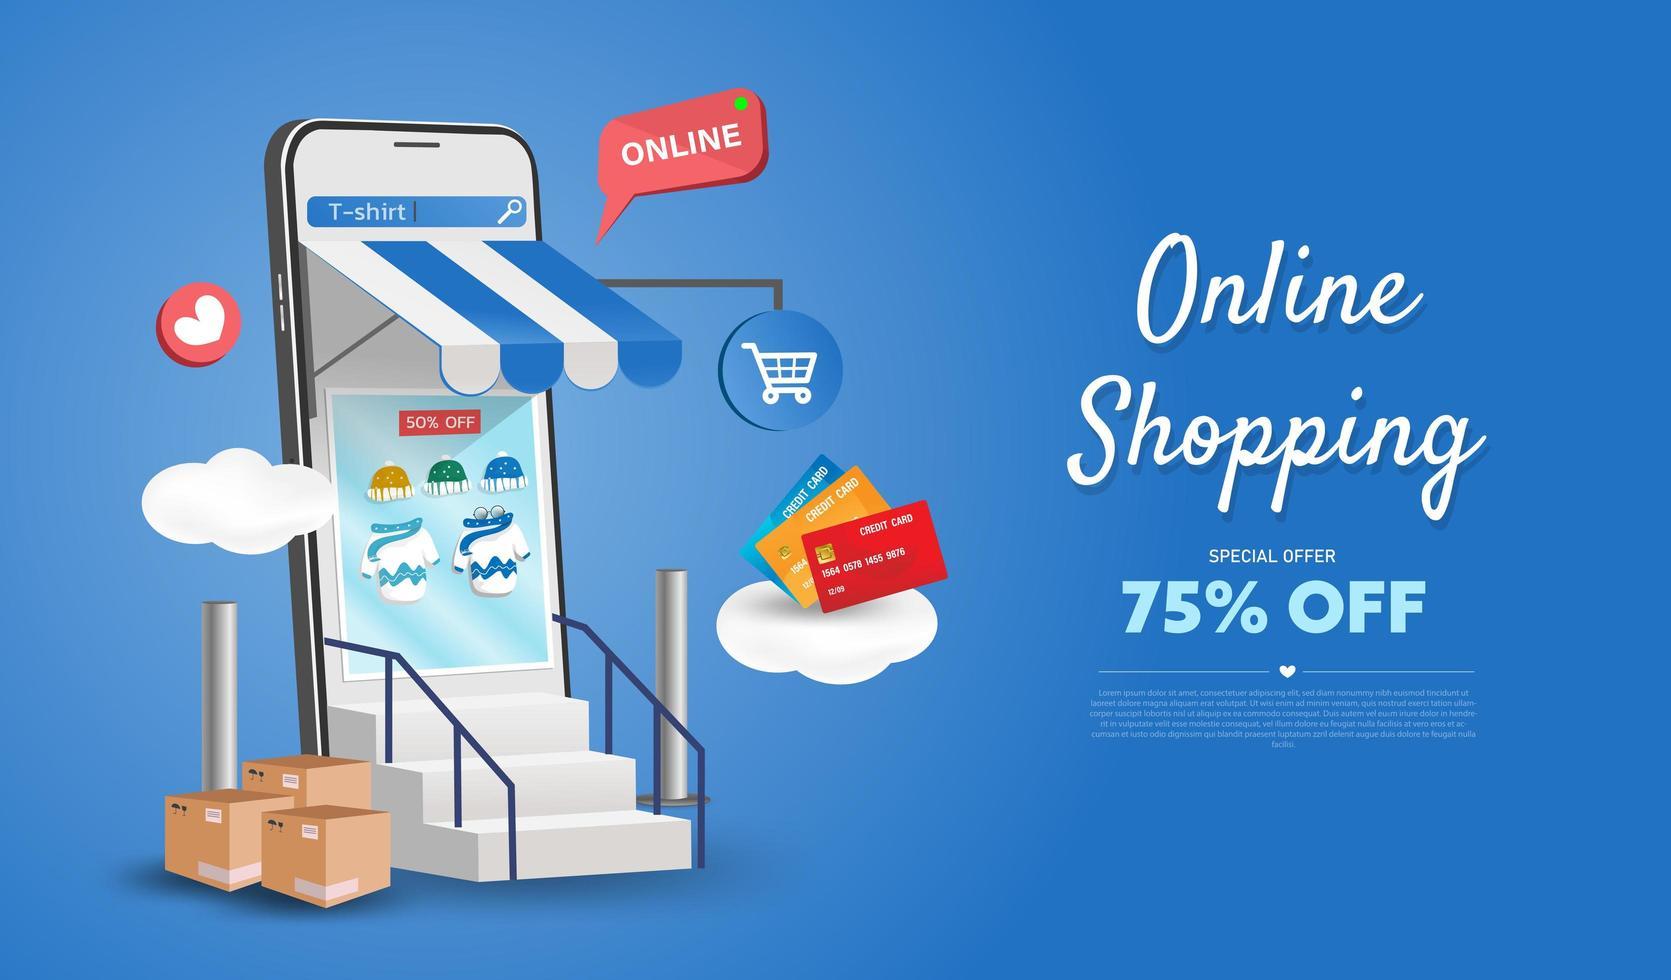 Online-Shopping-Shop auf Website und Handy-Design. Smart Business Marketing-Konzept. horizontale Ansicht. Vektorillustration. vektor